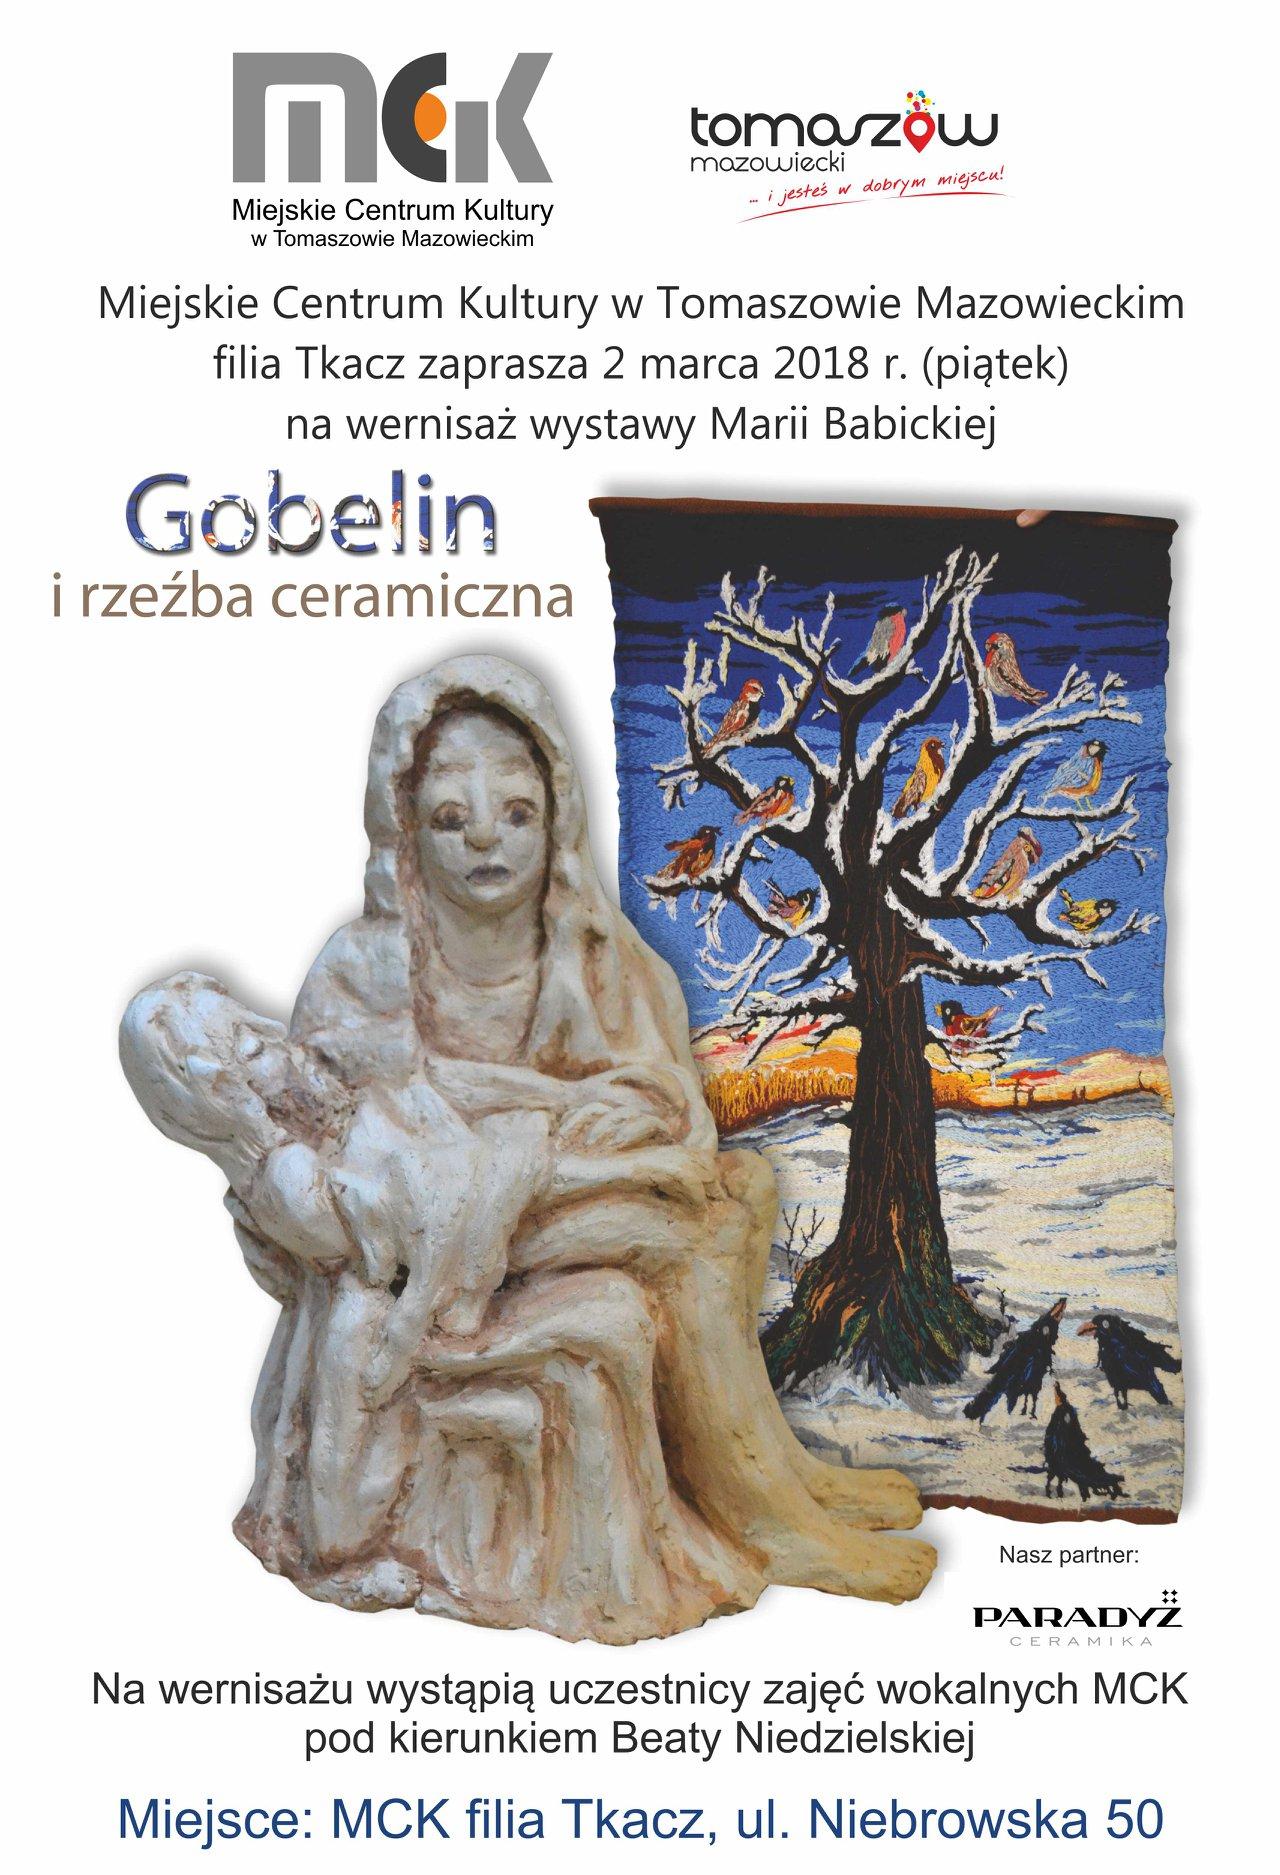 plakat informacyjny, wystawa